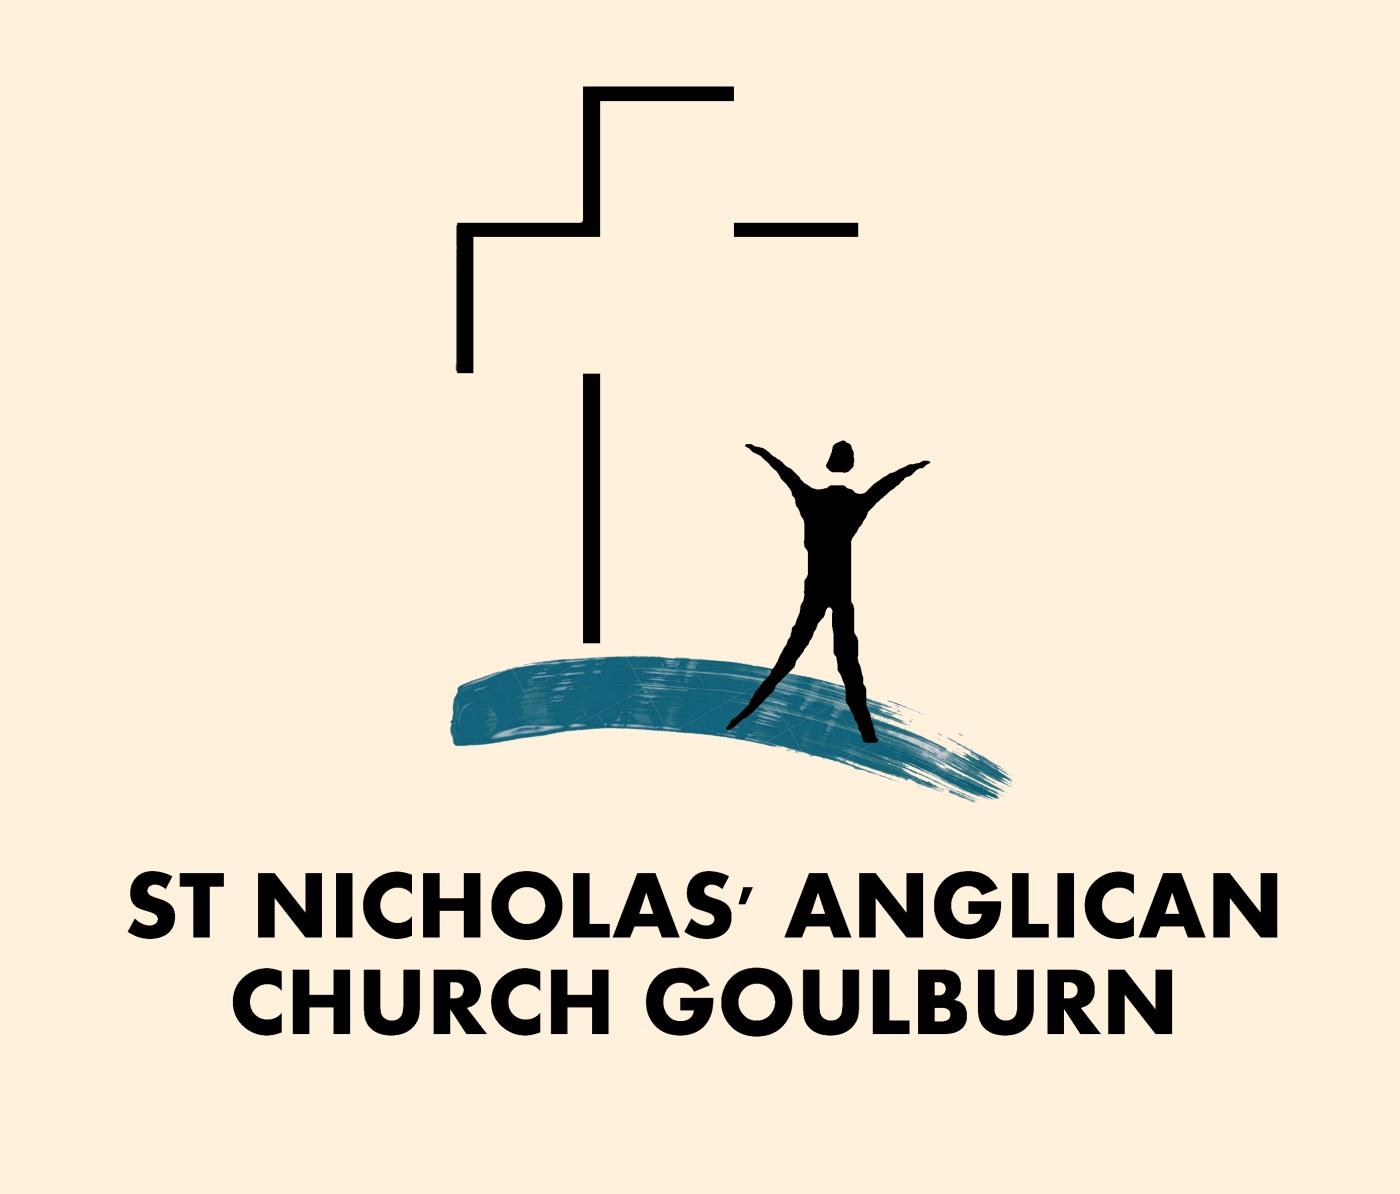 Sermons - St Nicholas' Anglican Church Goulburn